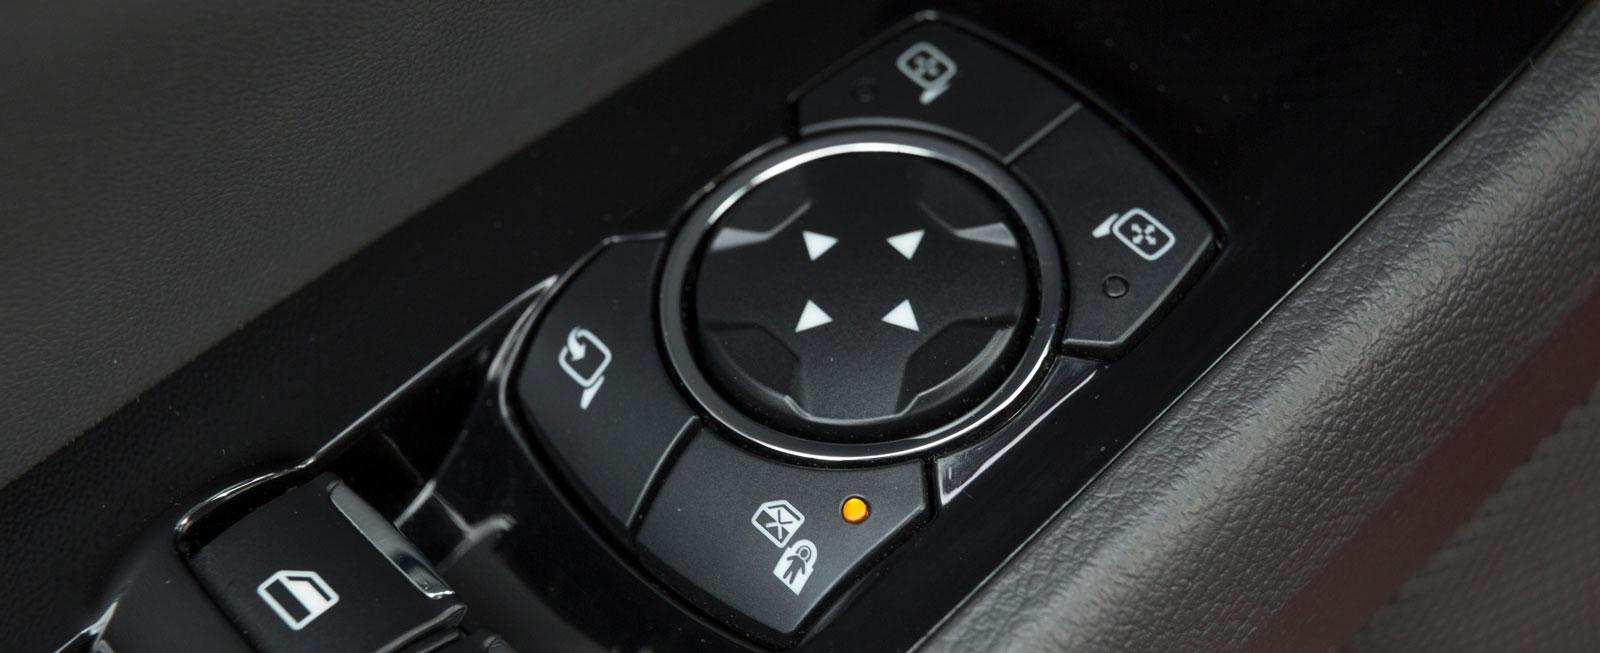 I Ford kan bakdörrarnas barnsäkerhetslås aktiveras elektriskt.